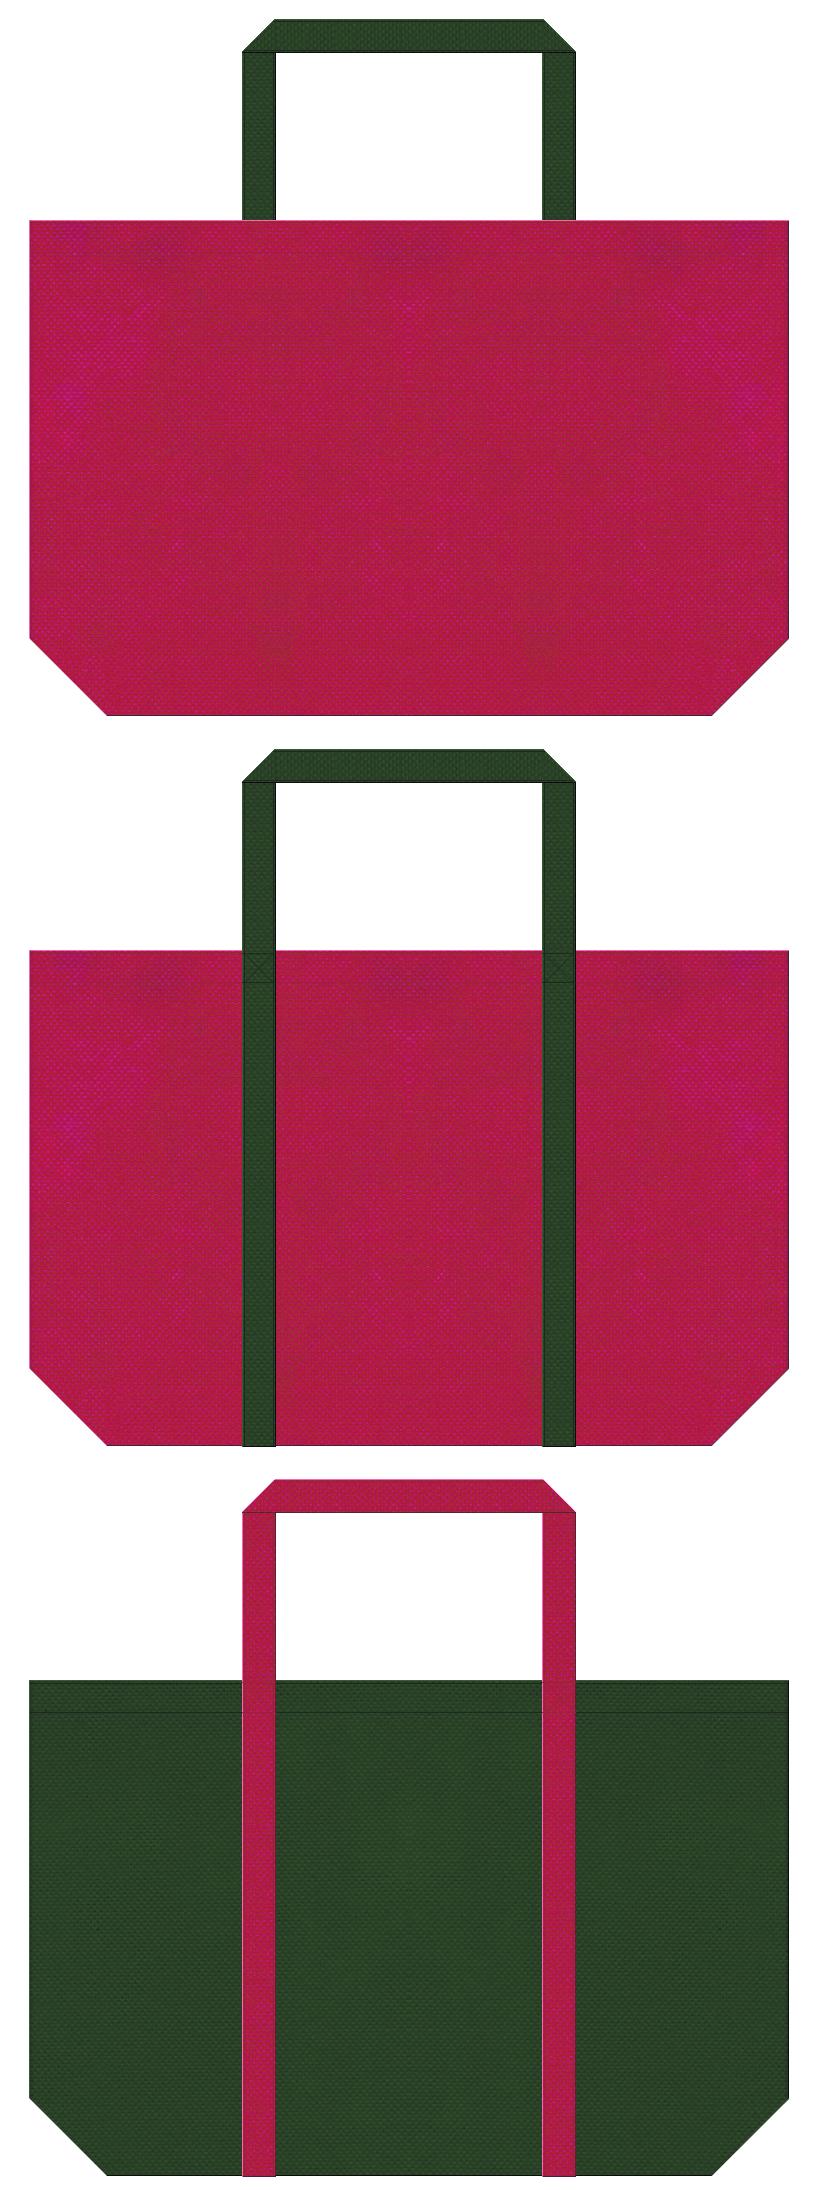 卒業式・成人式・梅・振袖・着物・帯・写真館・学園・学校・和風催事にお奨めの不織布バッグデザイン:濃いピンク色と濃緑色のコーデ